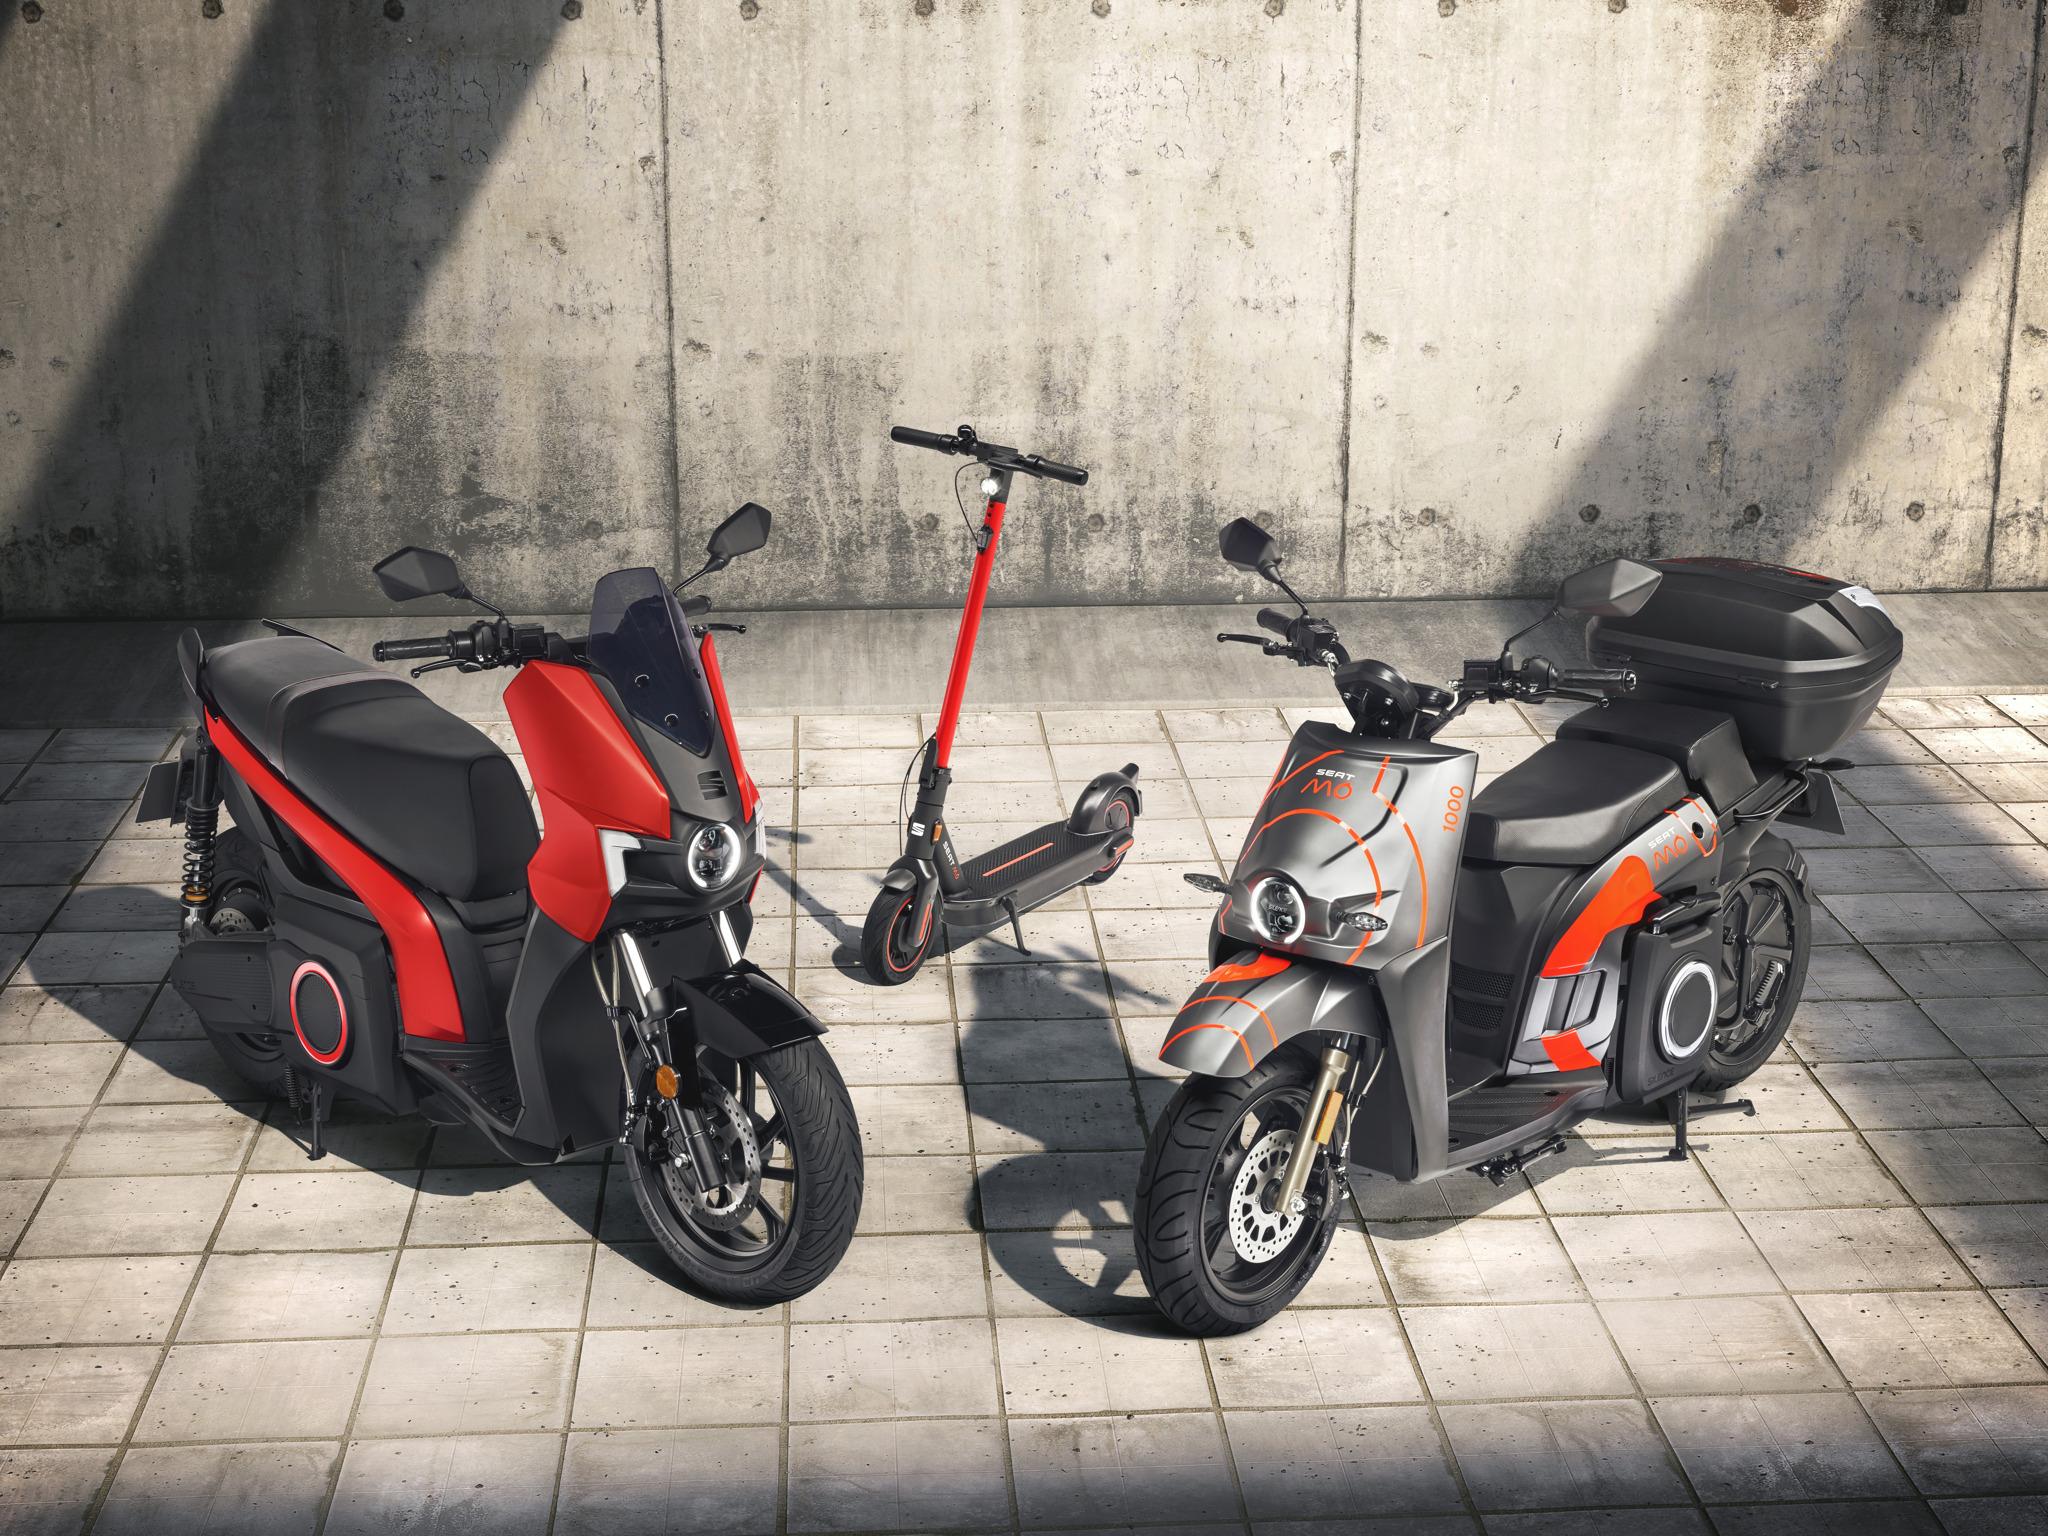 Première mondiale des SEAT MÓ eScooter 125 et SEAT MÓ eKickScooter 65